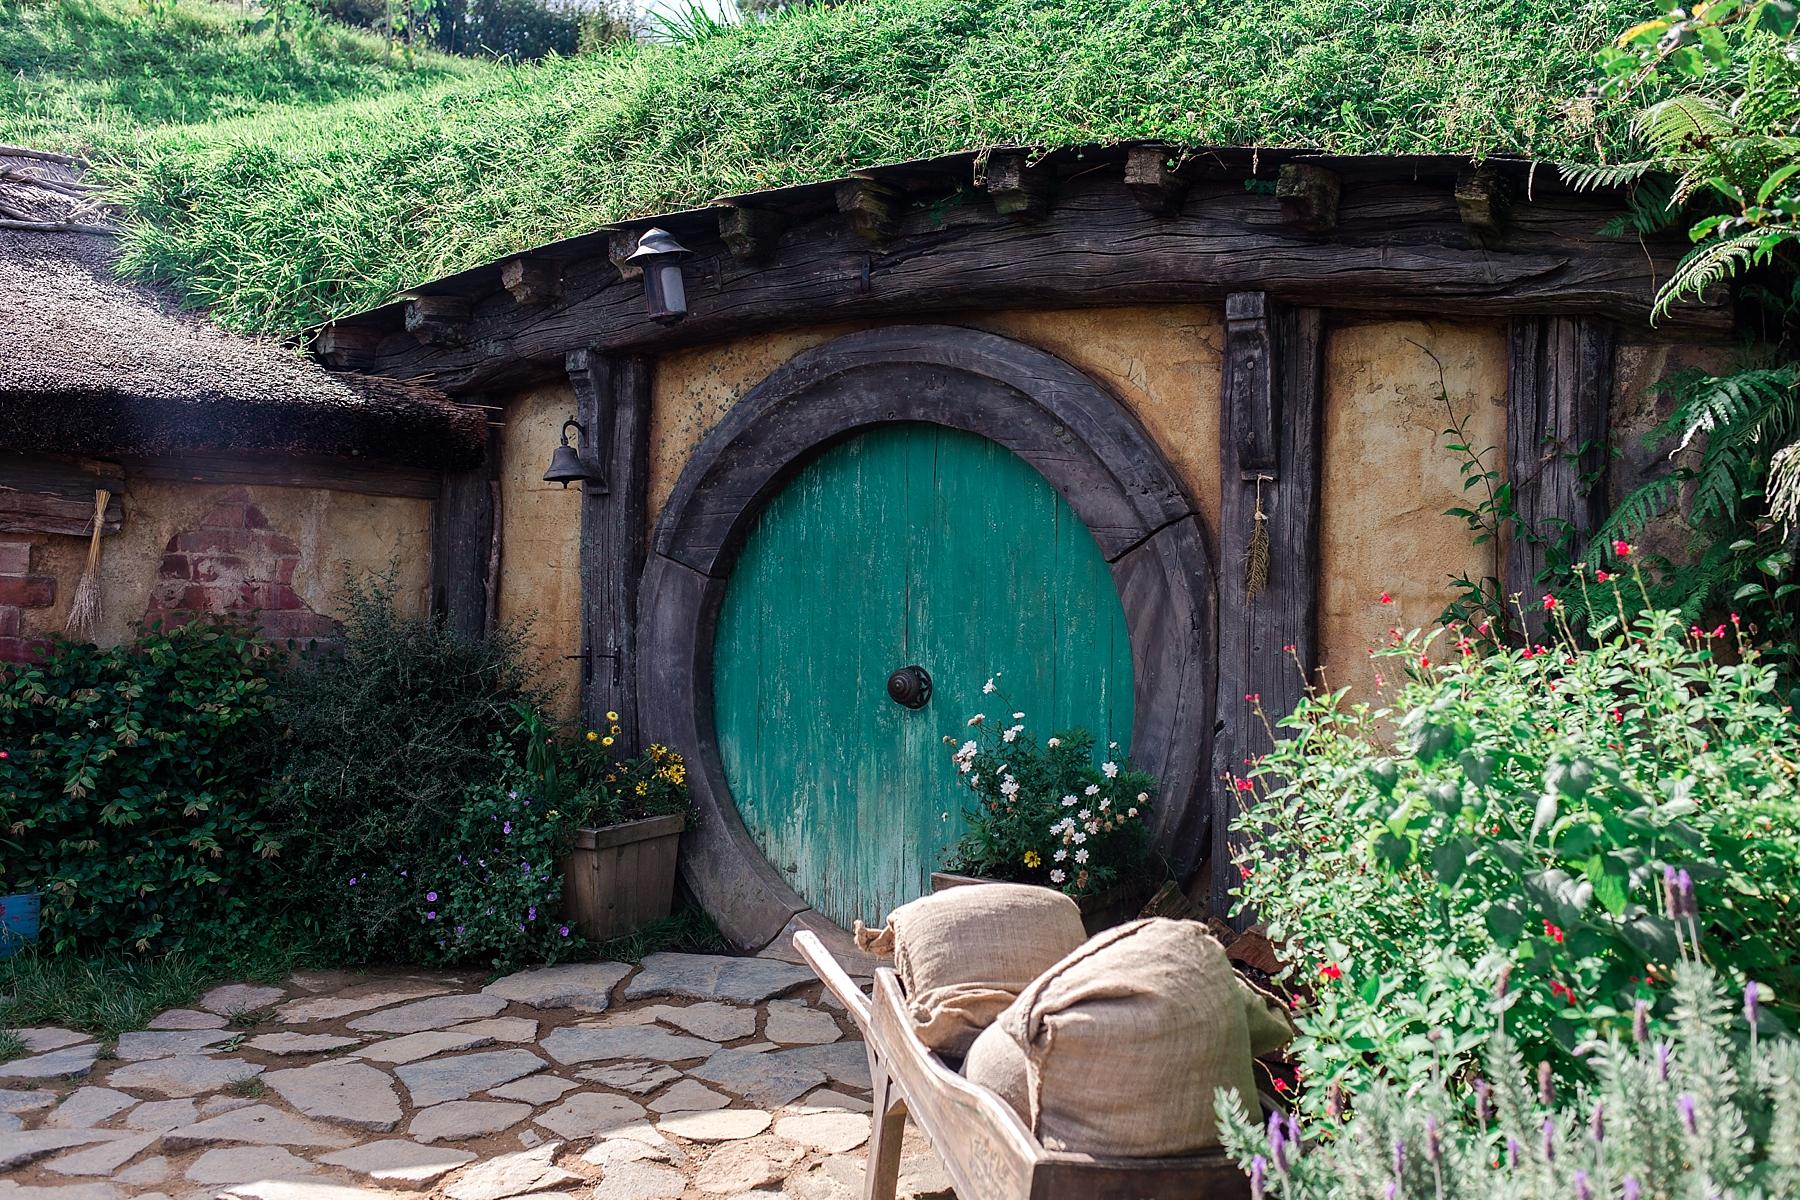 hobbiton-movie-set-matamata-hamilton-north-island-new-zealand-scenery_0249.jpg